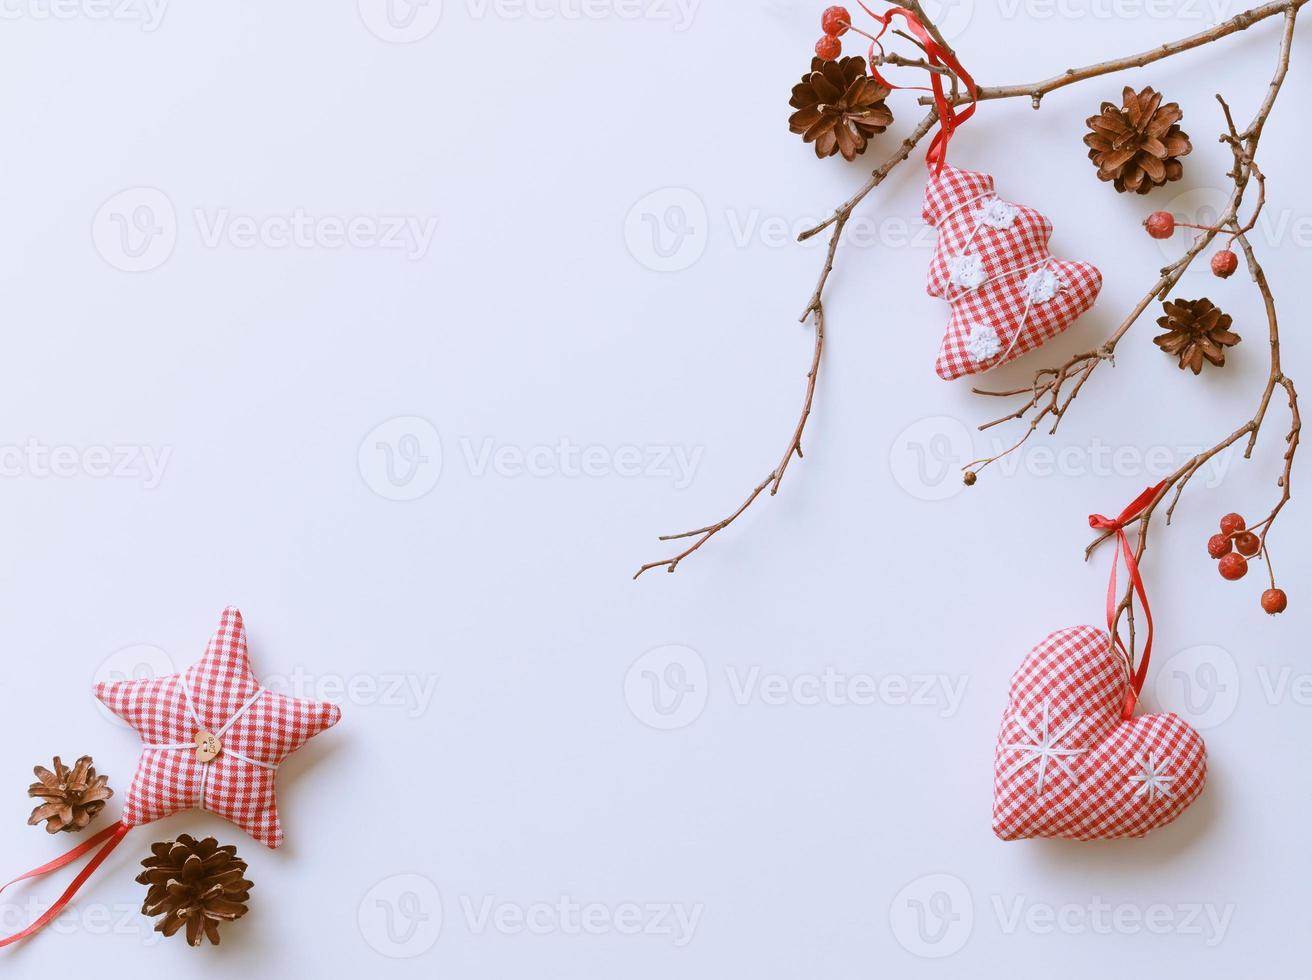 décorations de noël suspendus isolé sur fond blanc photo